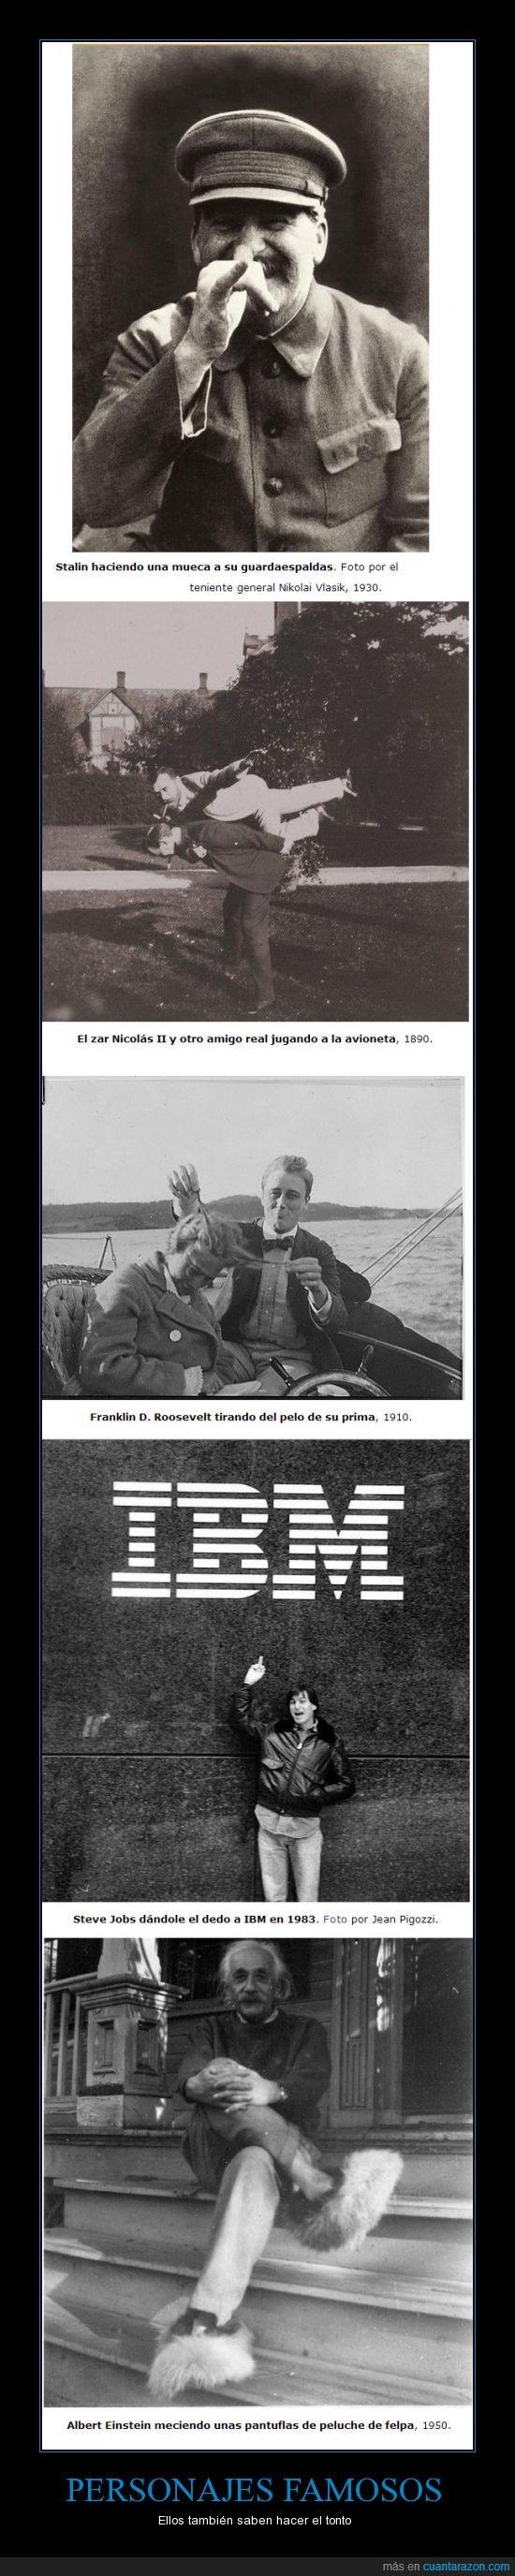 Einstein,famosos,fotos,más imágenes en la web,paint,Roosevelt,Stalin,Steve Jobs,tonto,Zar Nicolás II